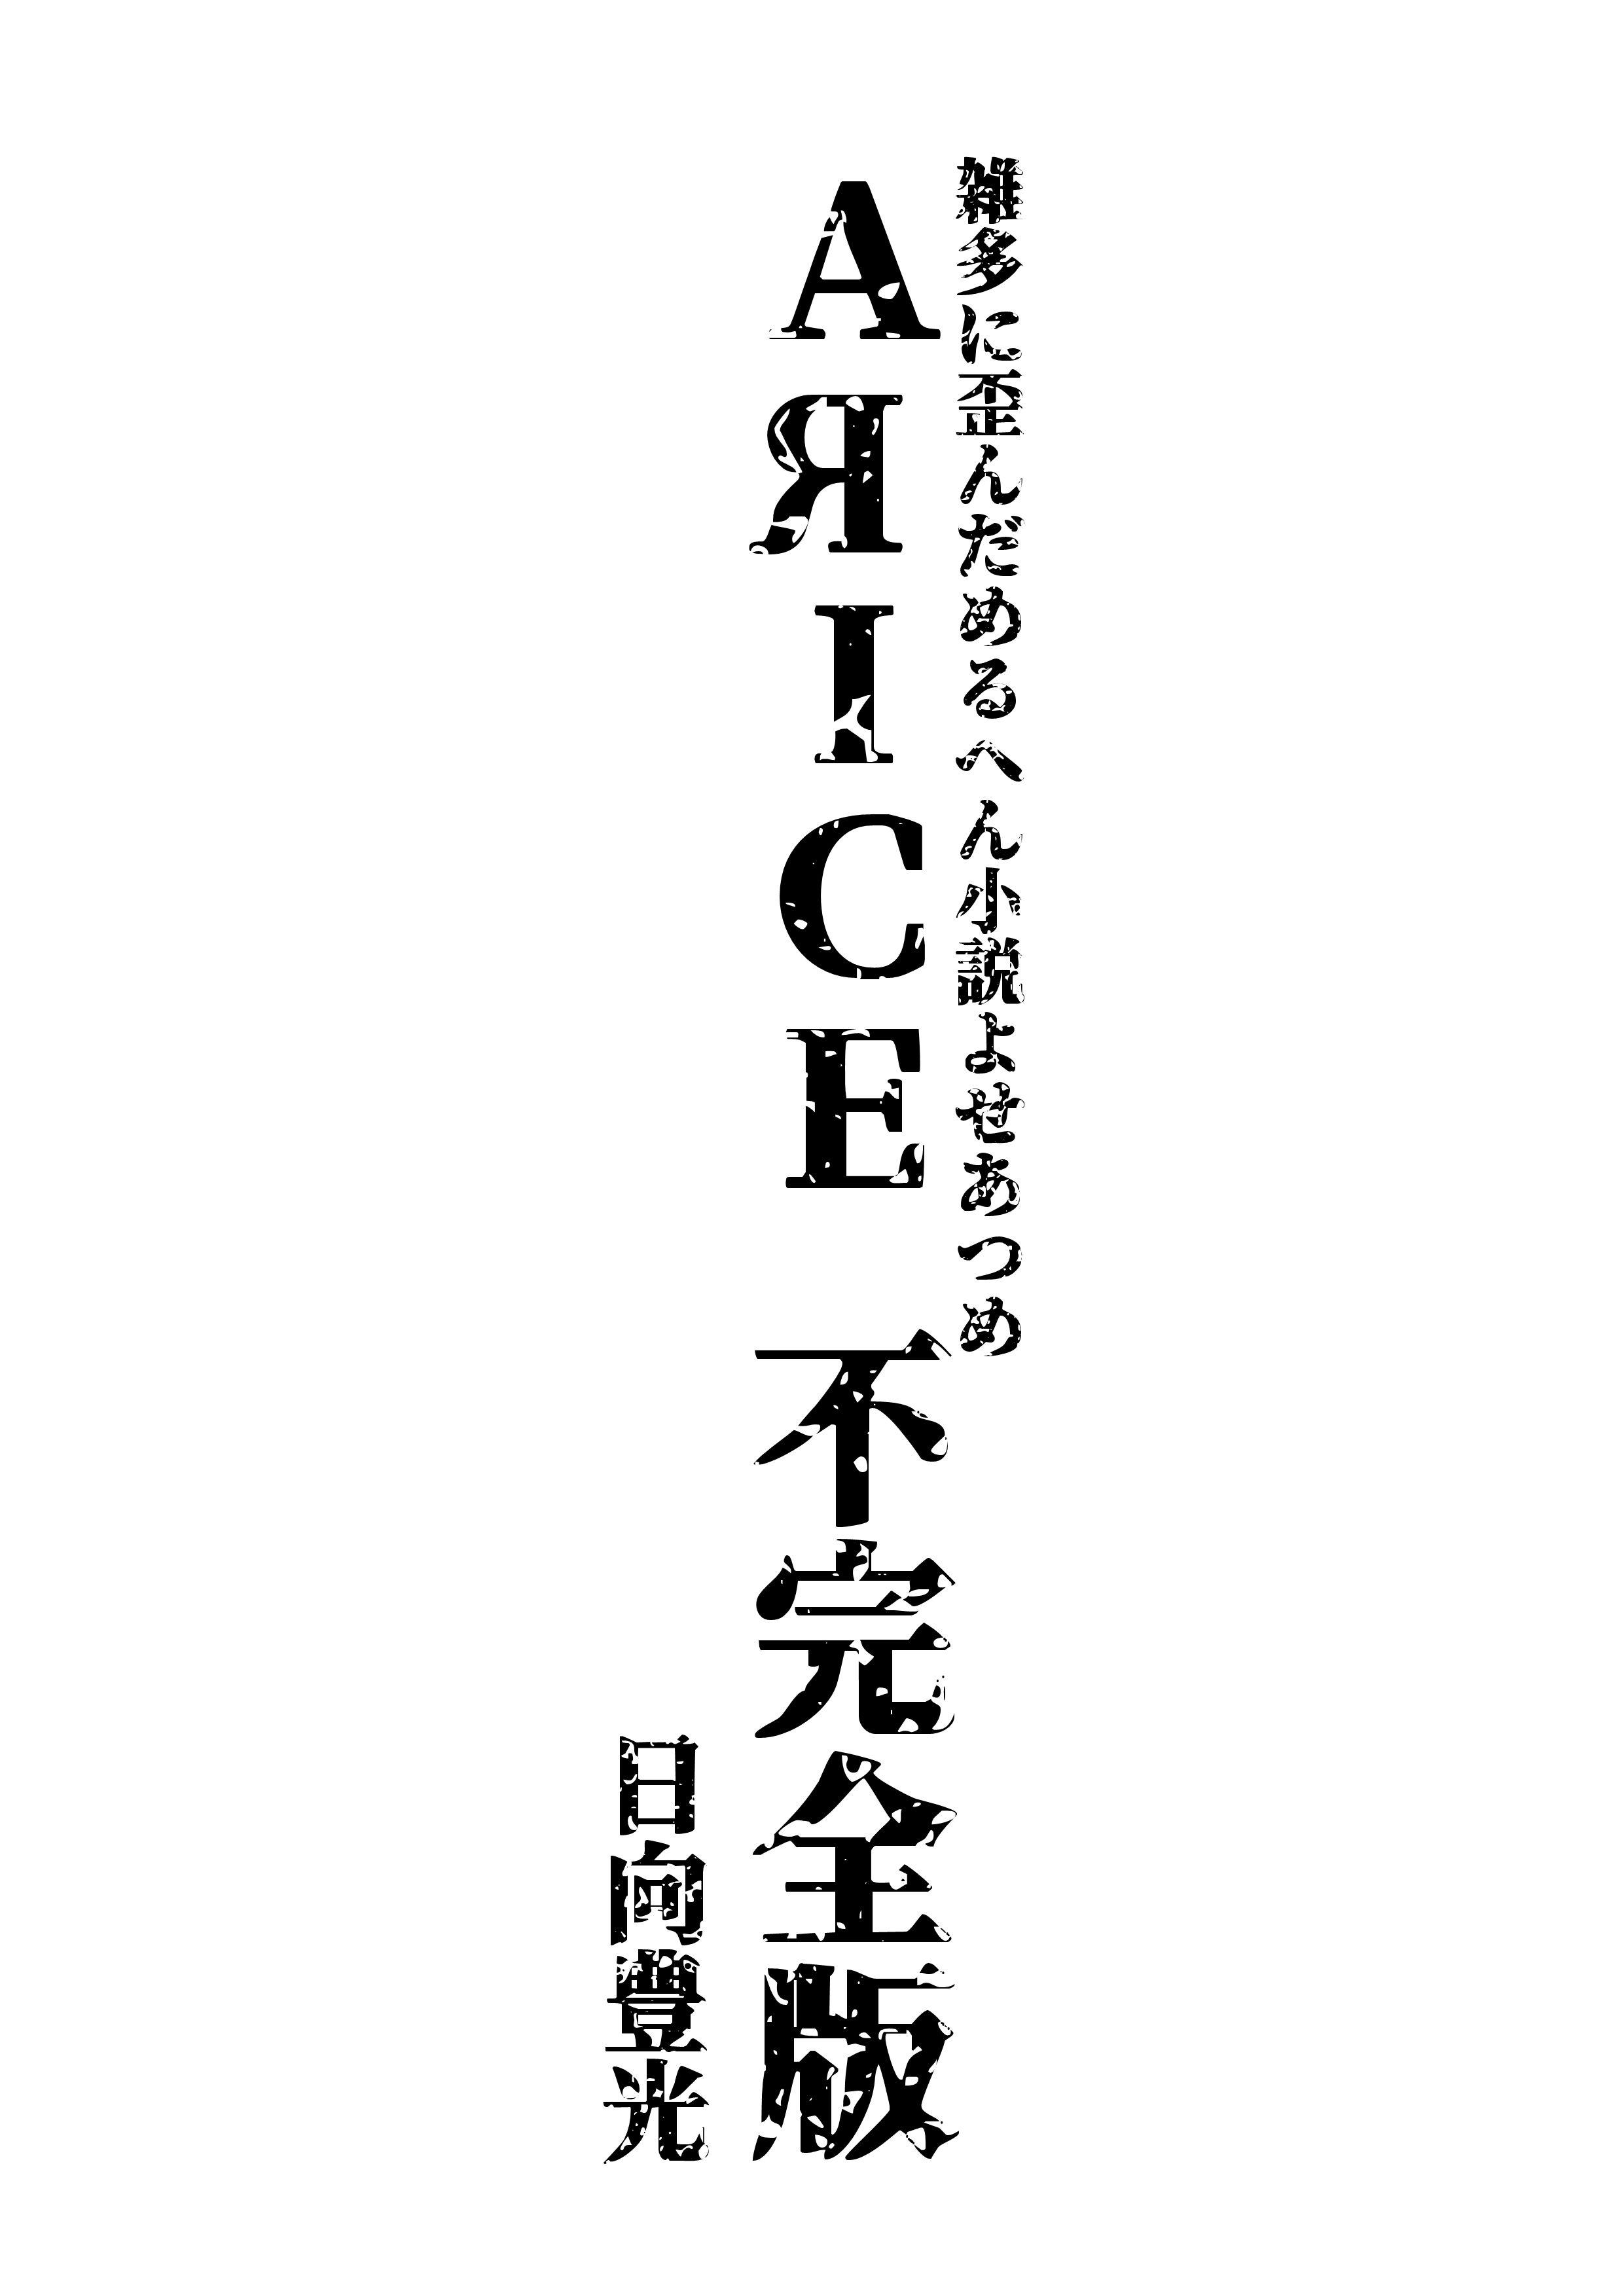 【サバ織り定食 同人】AЯICE不完全版